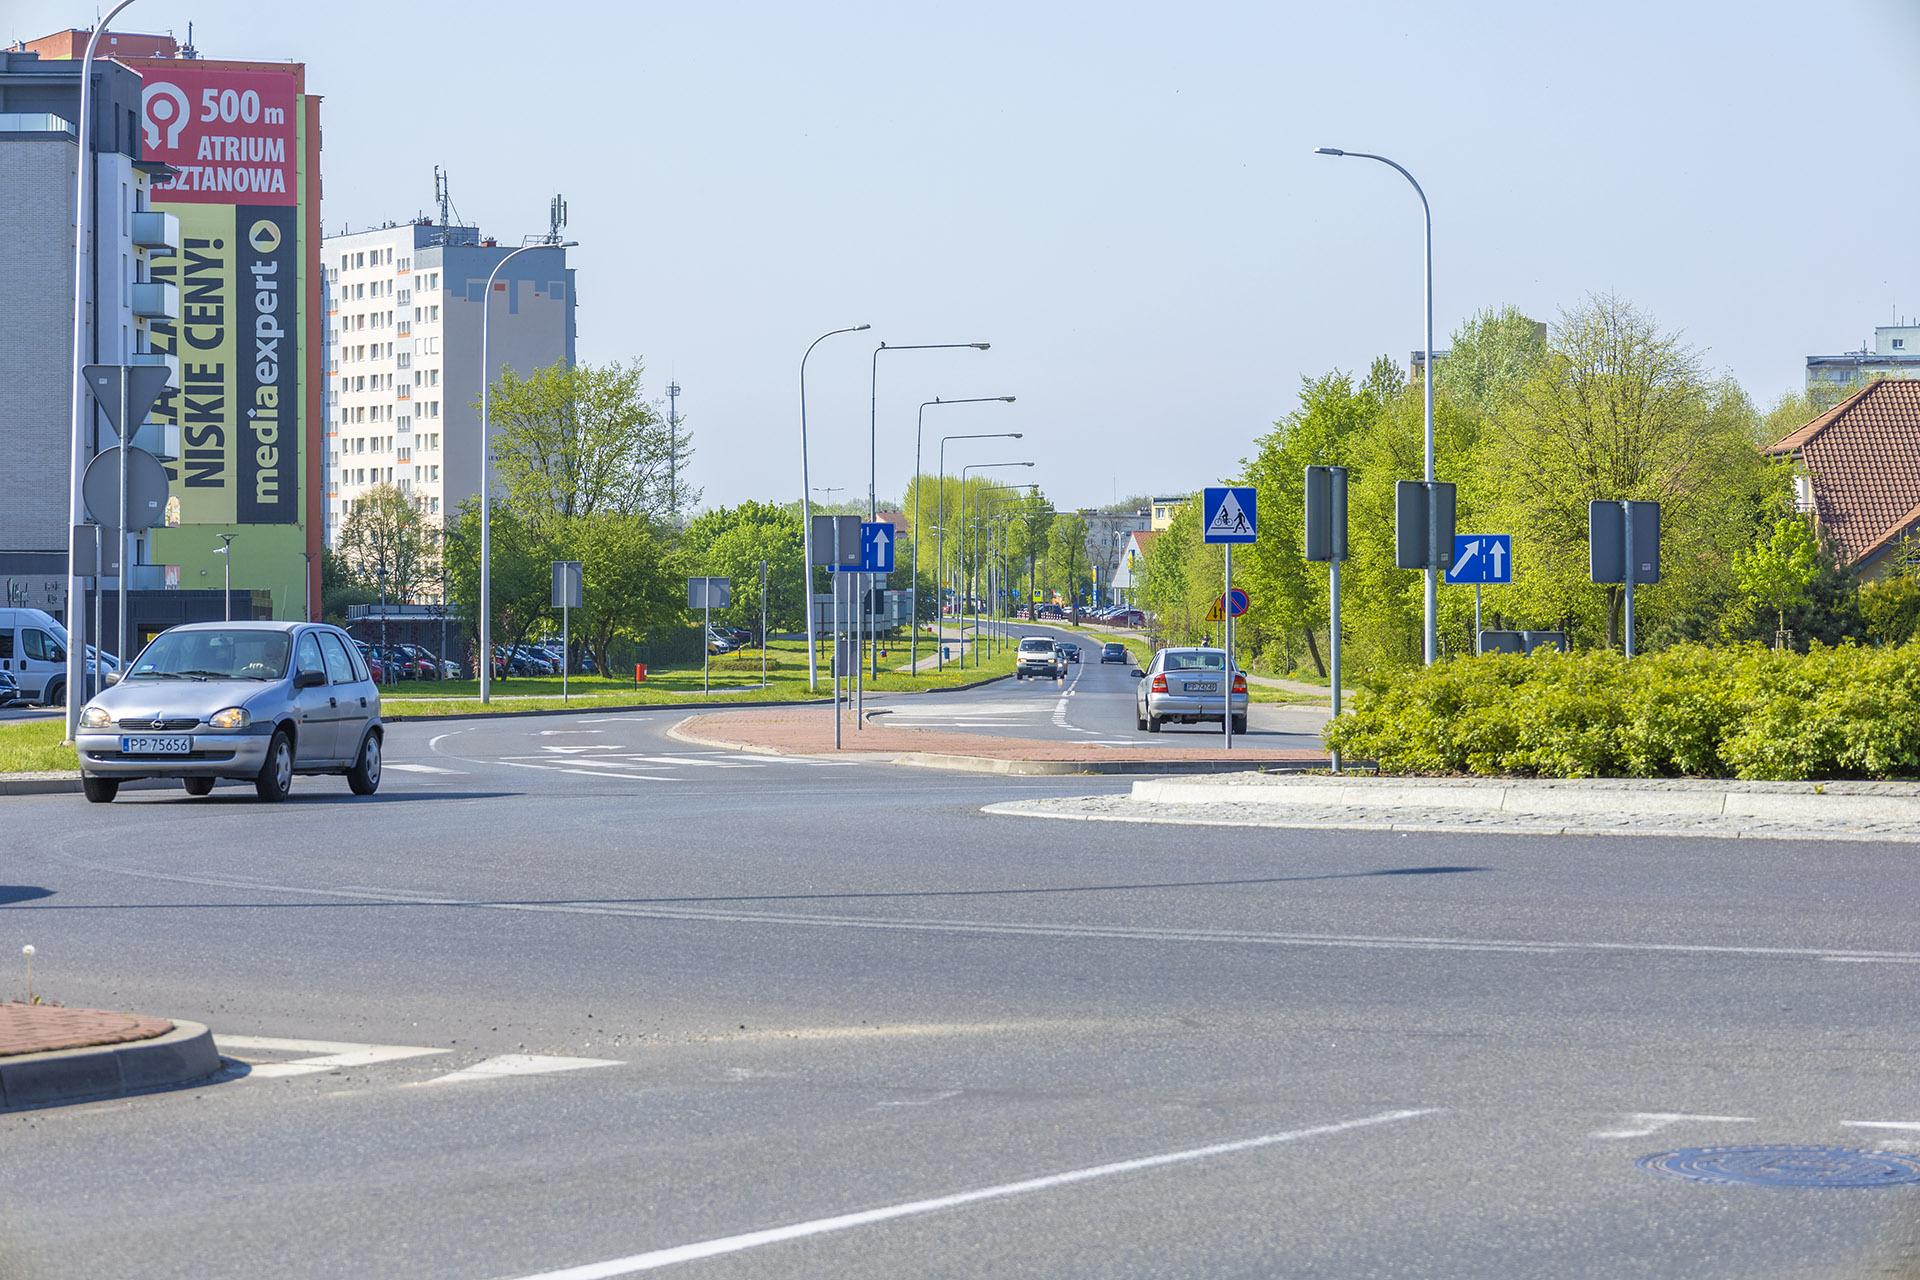 Obwodnica śródmiejska pozwala sprawnie dojechać do innych części miasta. Fot. Marcin Maziarz